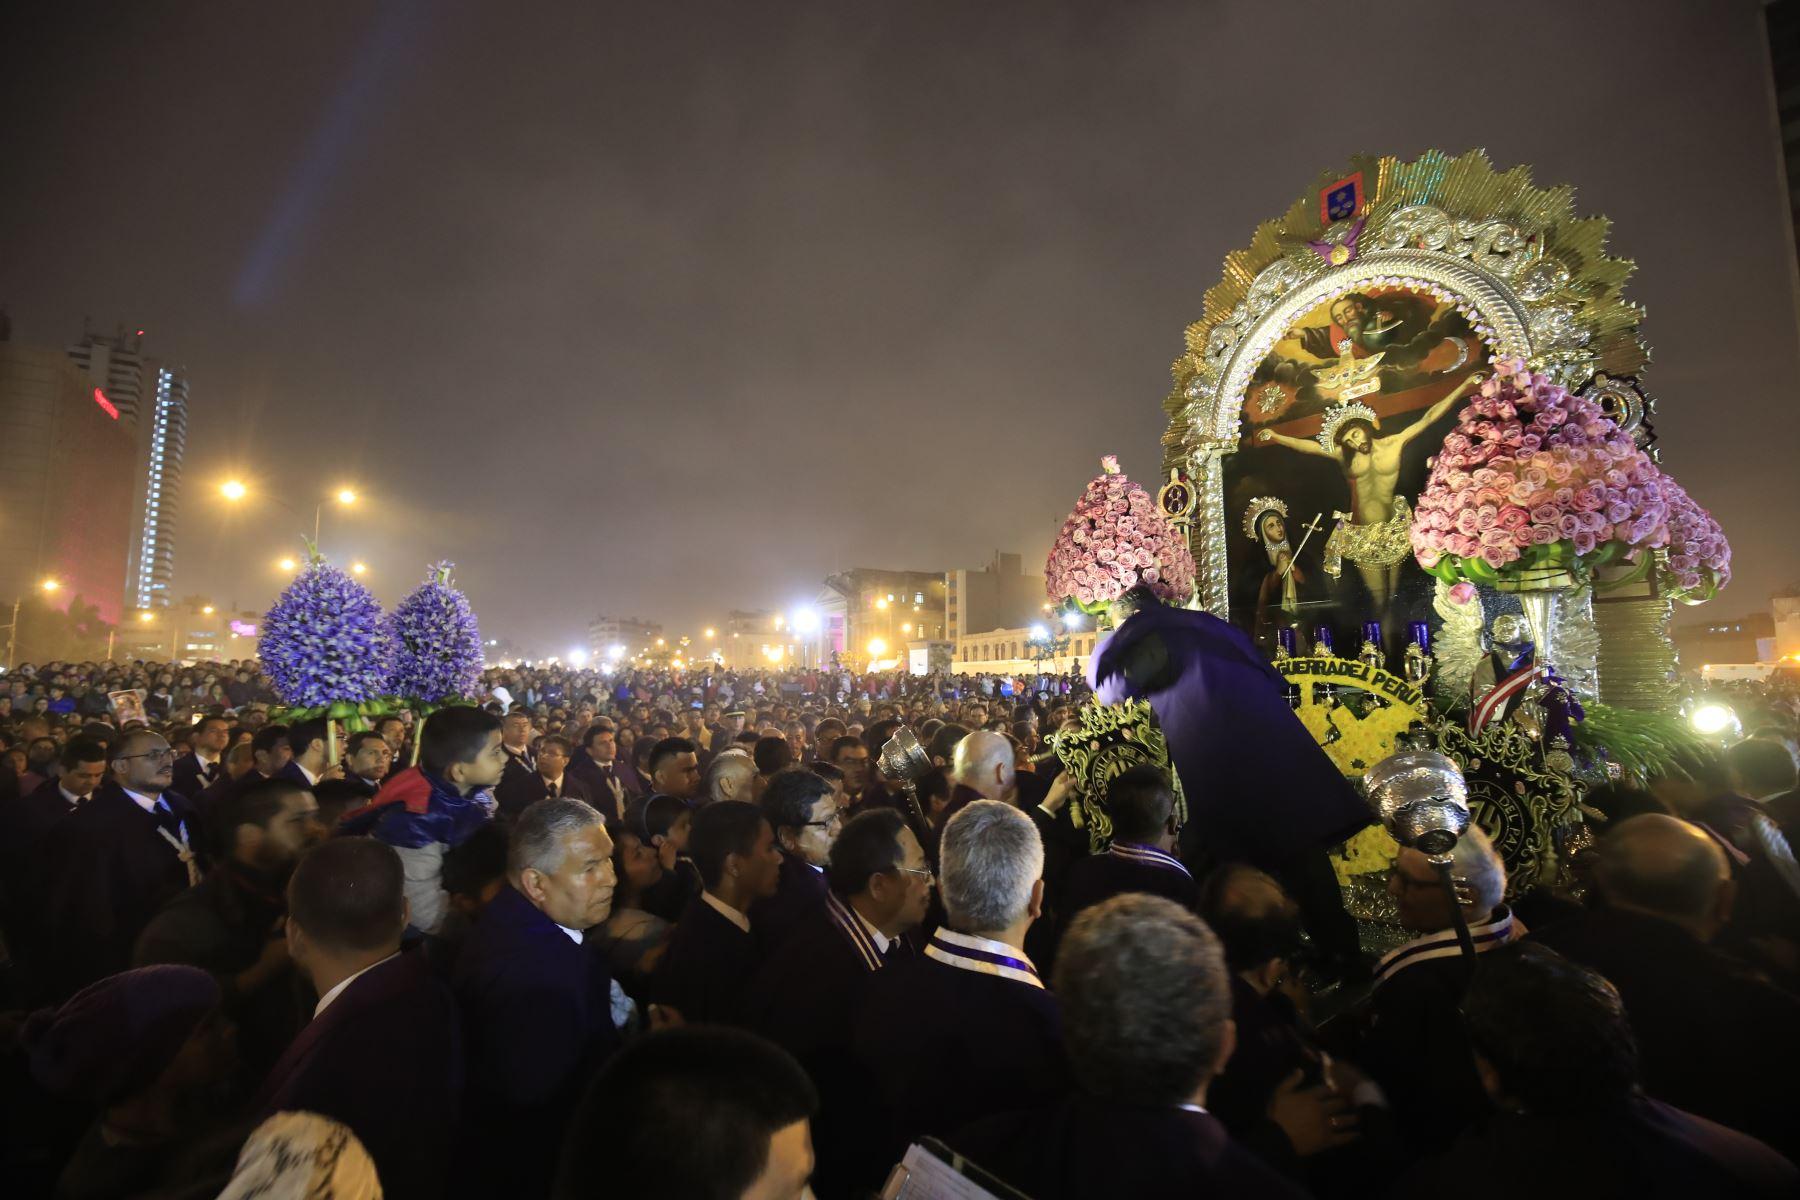 Procesión del Señor de los Milagros  Foto: ANDINA/Juan Carlos Guzmán Negrini.